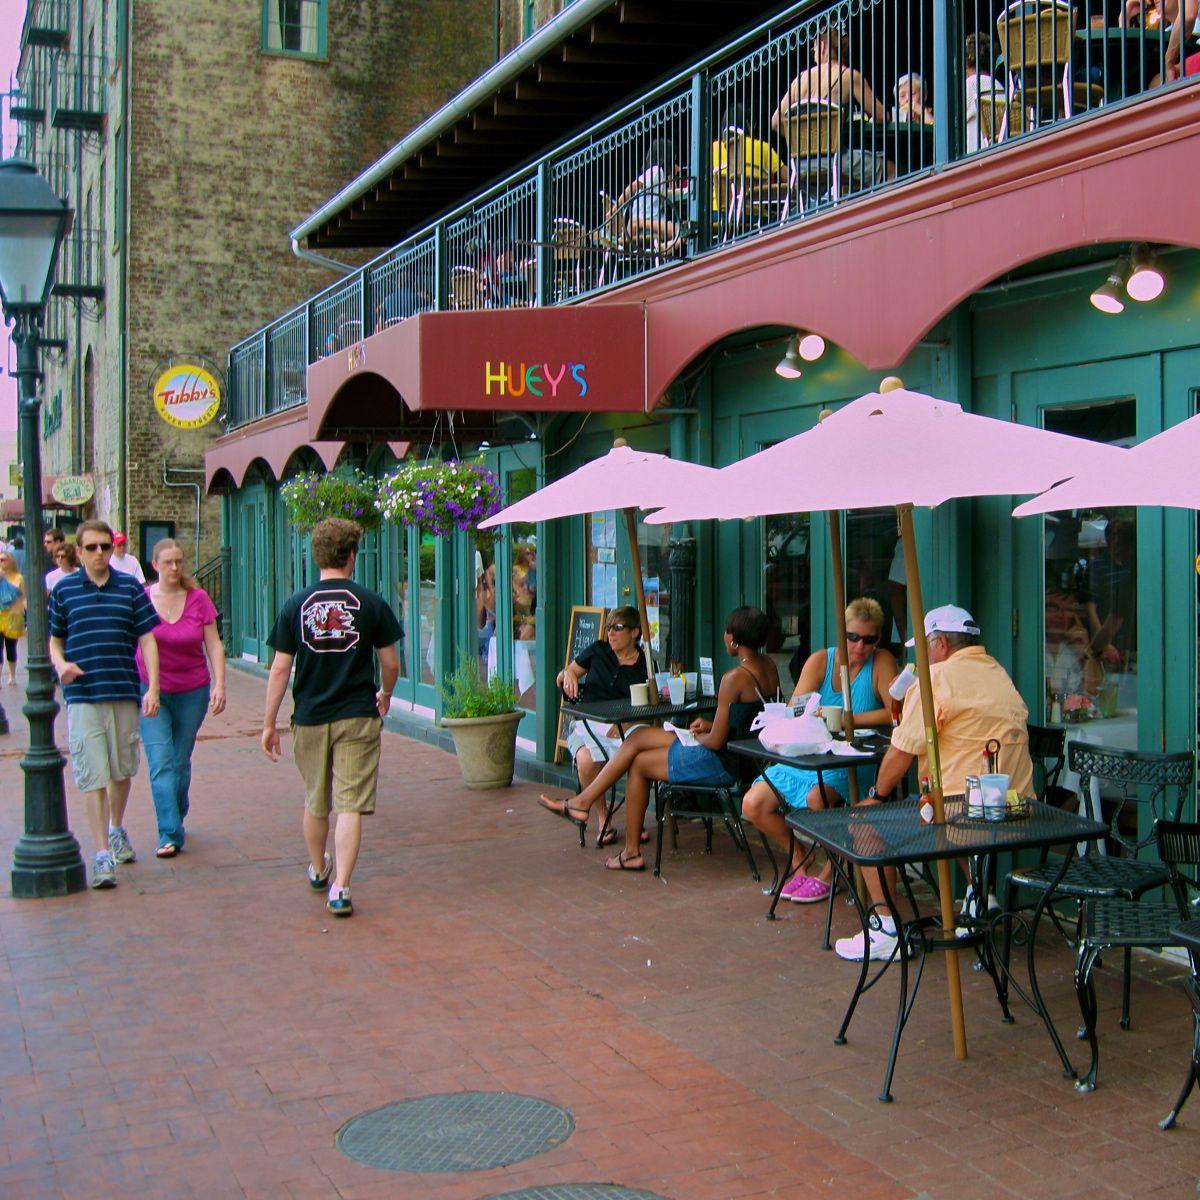 restaurants in savannah ga Dog Friendly Restaurants in